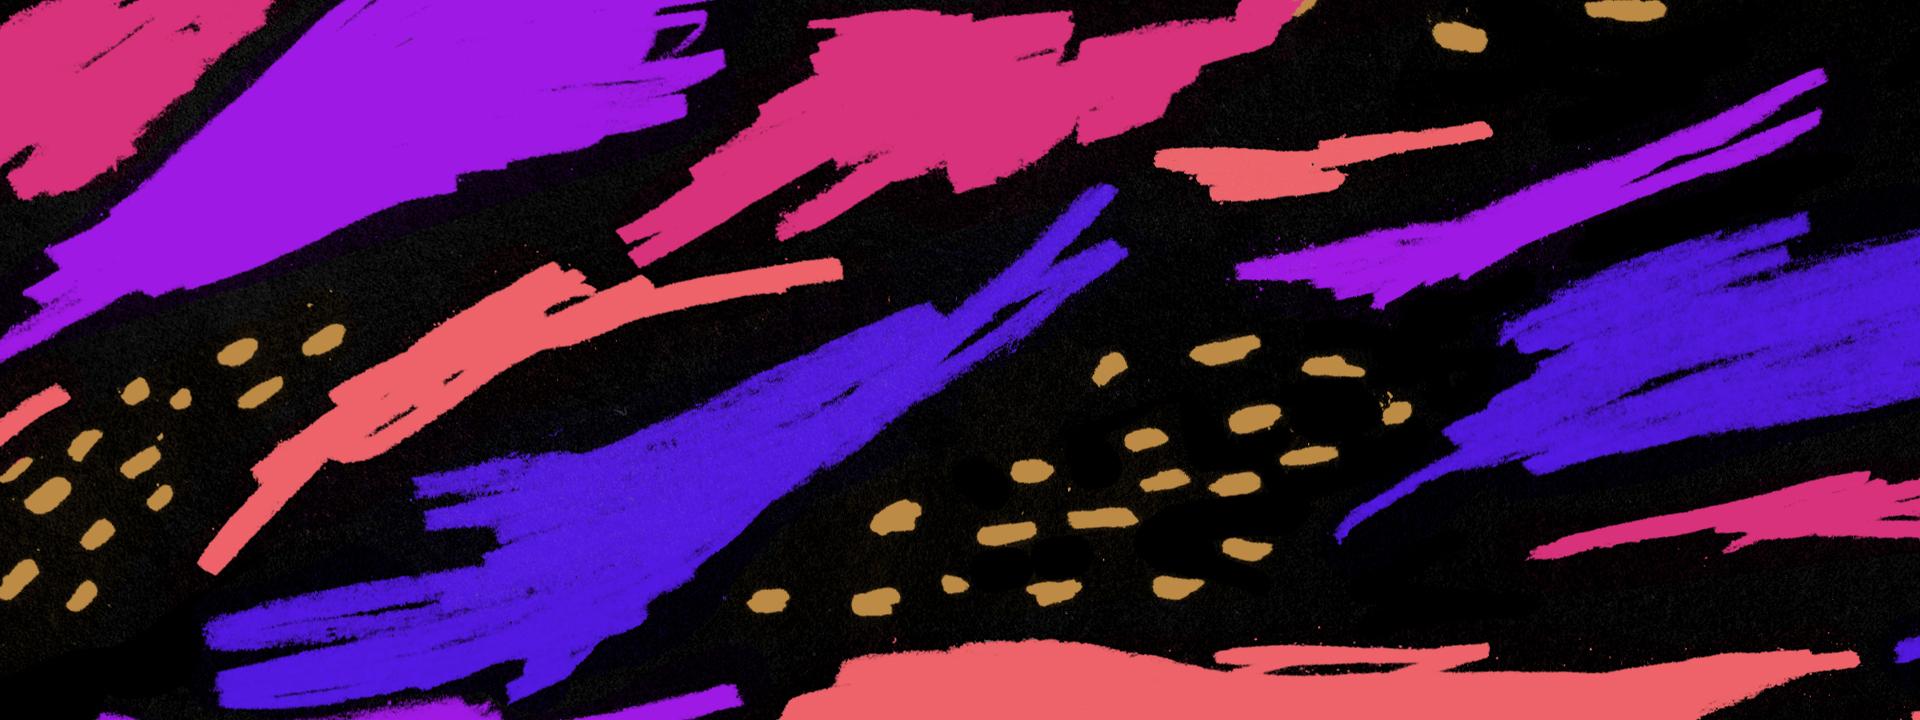 crayons_001_crop_hue